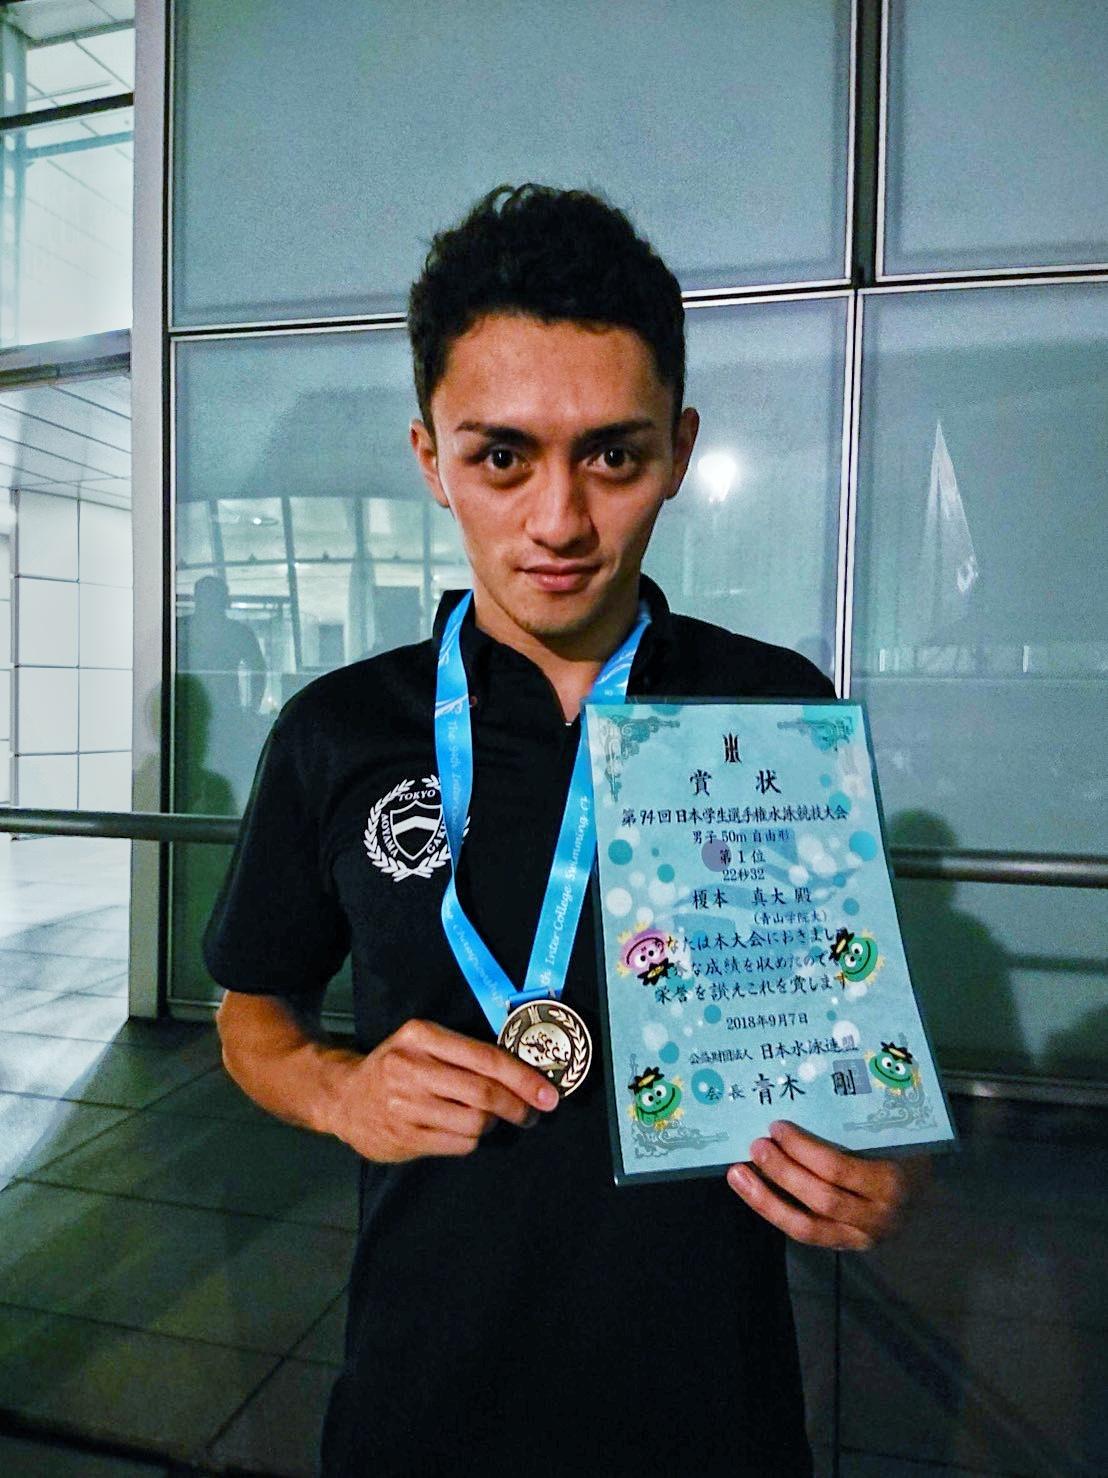 第94回 日本学生選手権水泳競技大会 大会結果